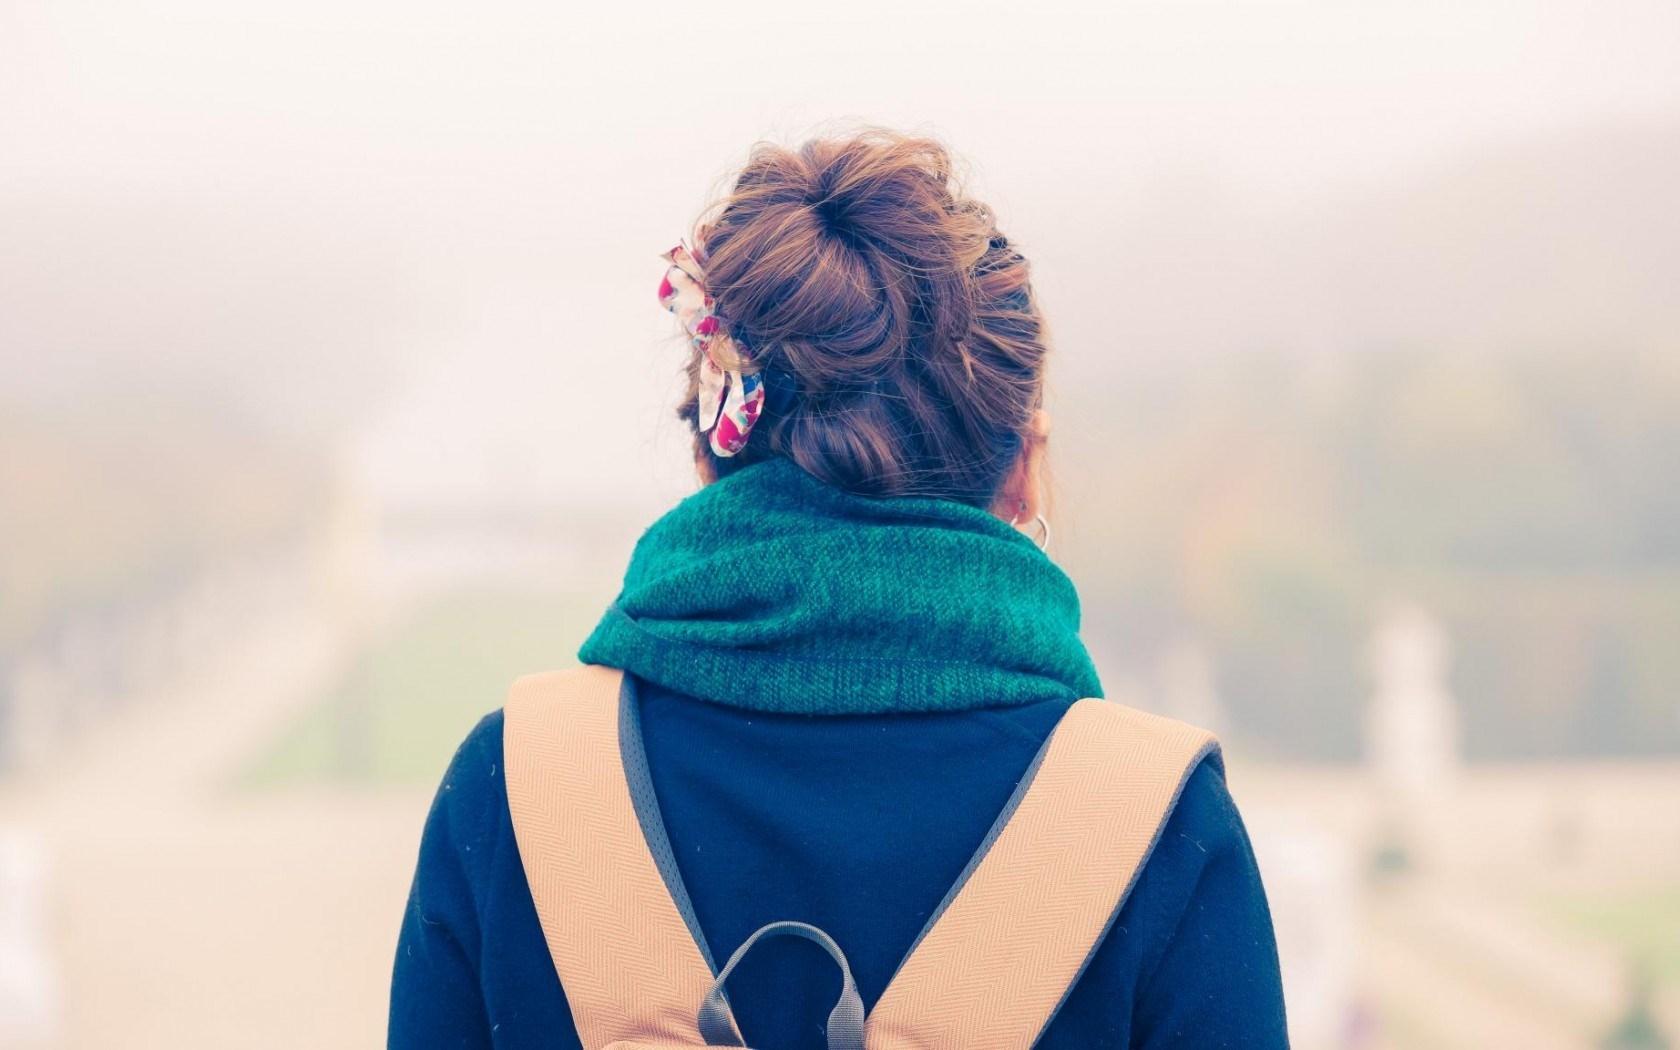 12 chòm sao nữ nên kiêng làm gì trong tháng cuối năm?